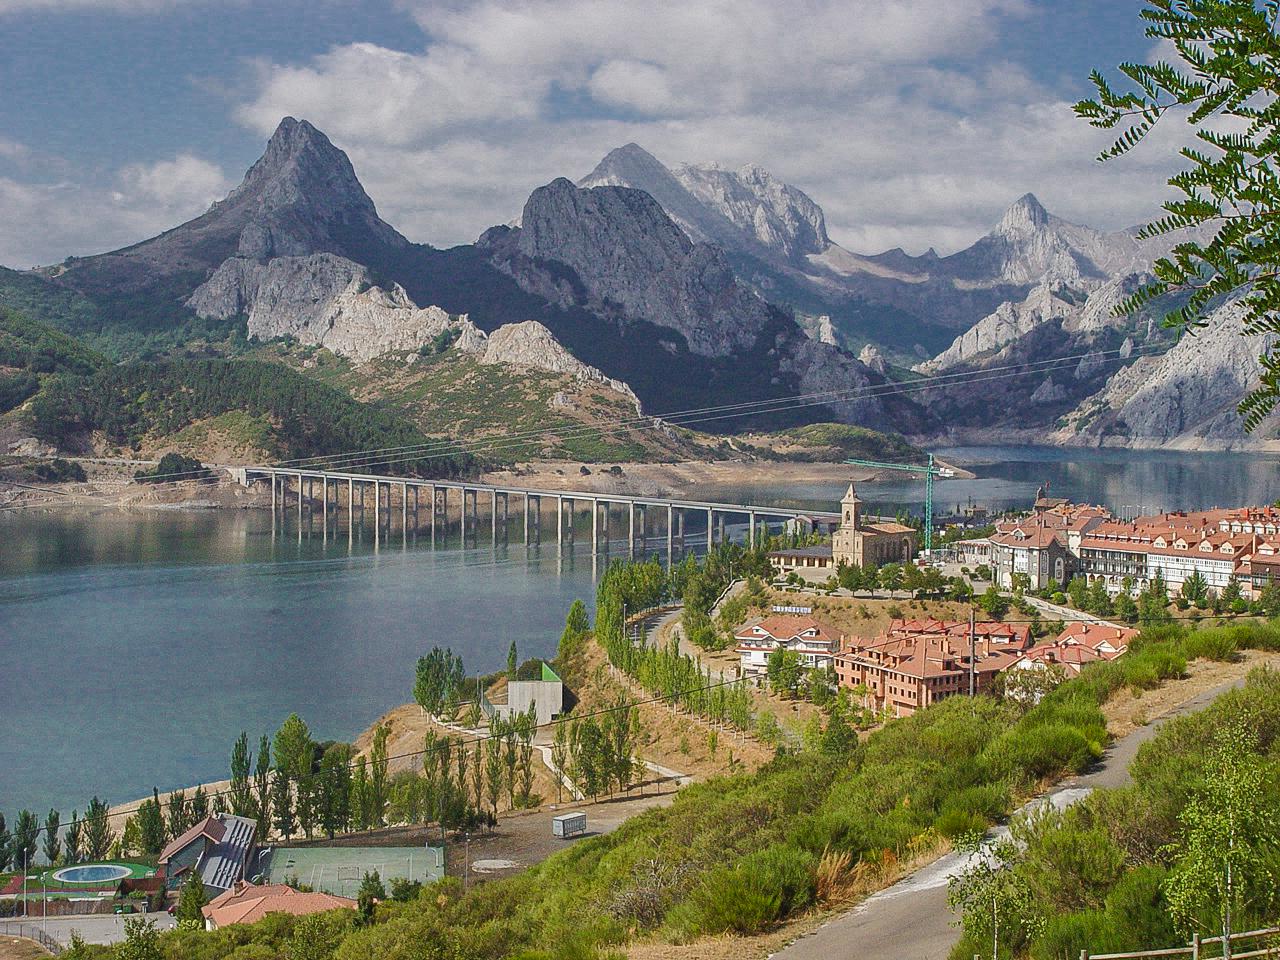 Riaño con el viaducto y pico Gilbo a la izquierda